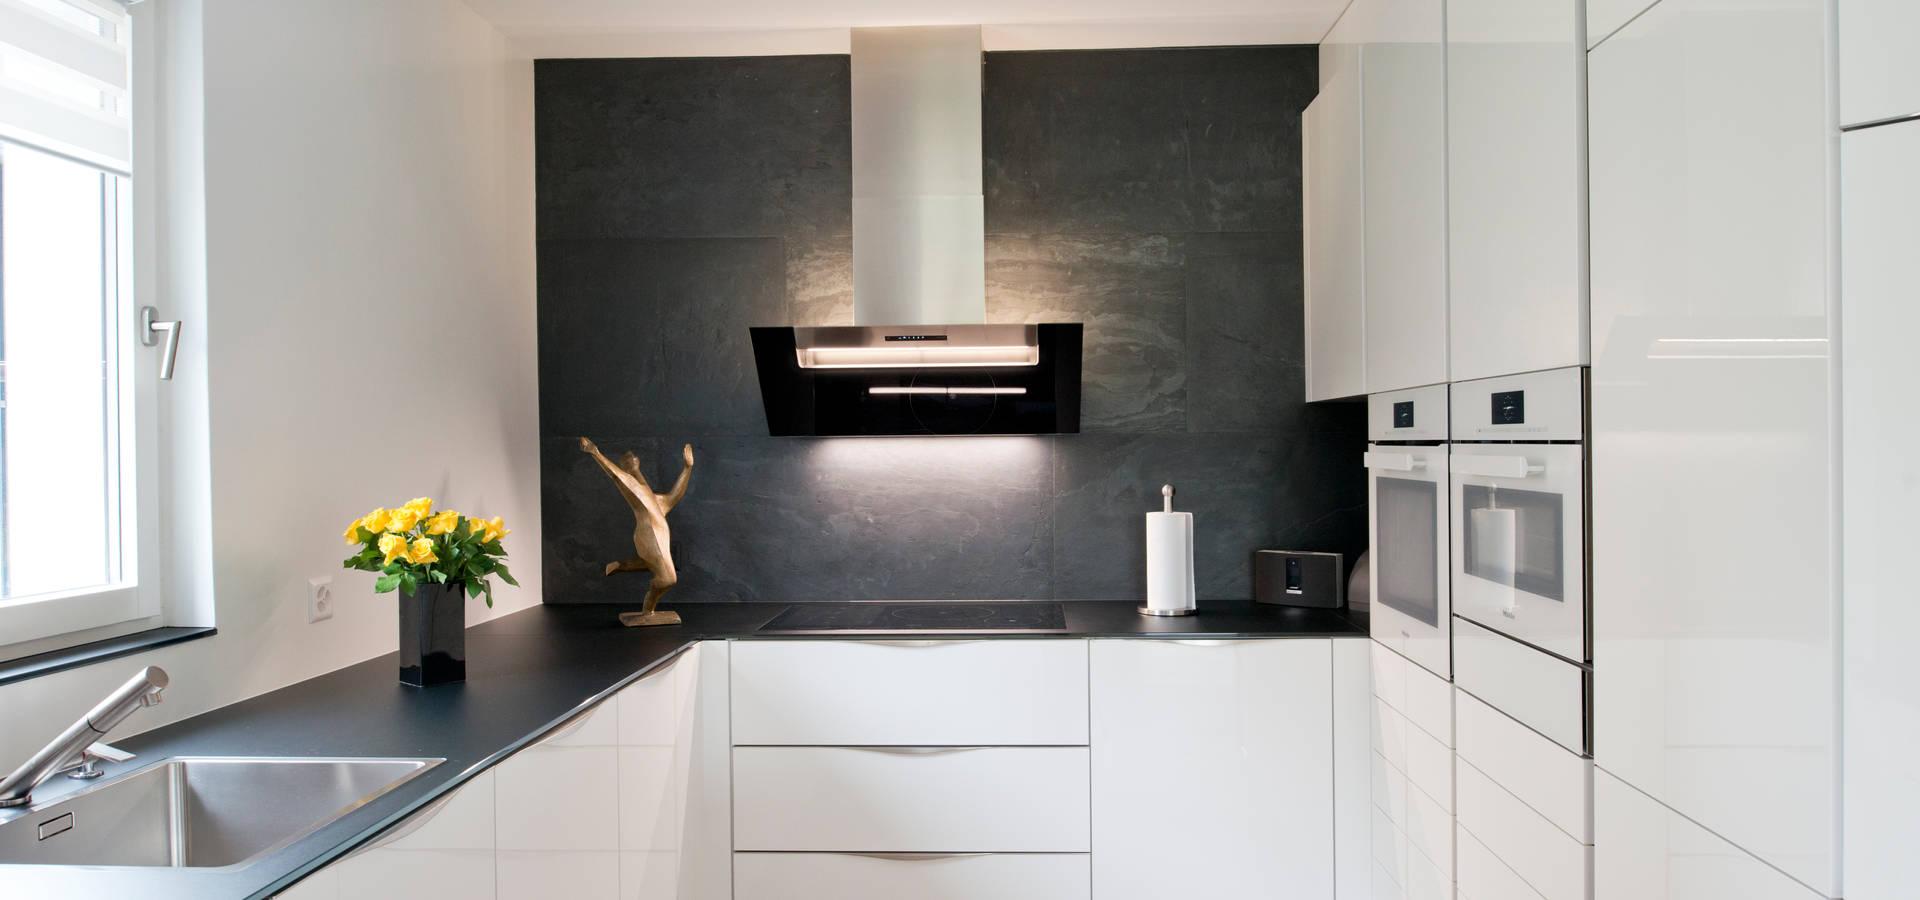 kleine k che kommt gro raus von inpuncto k chen schweiz gmbh homify. Black Bedroom Furniture Sets. Home Design Ideas